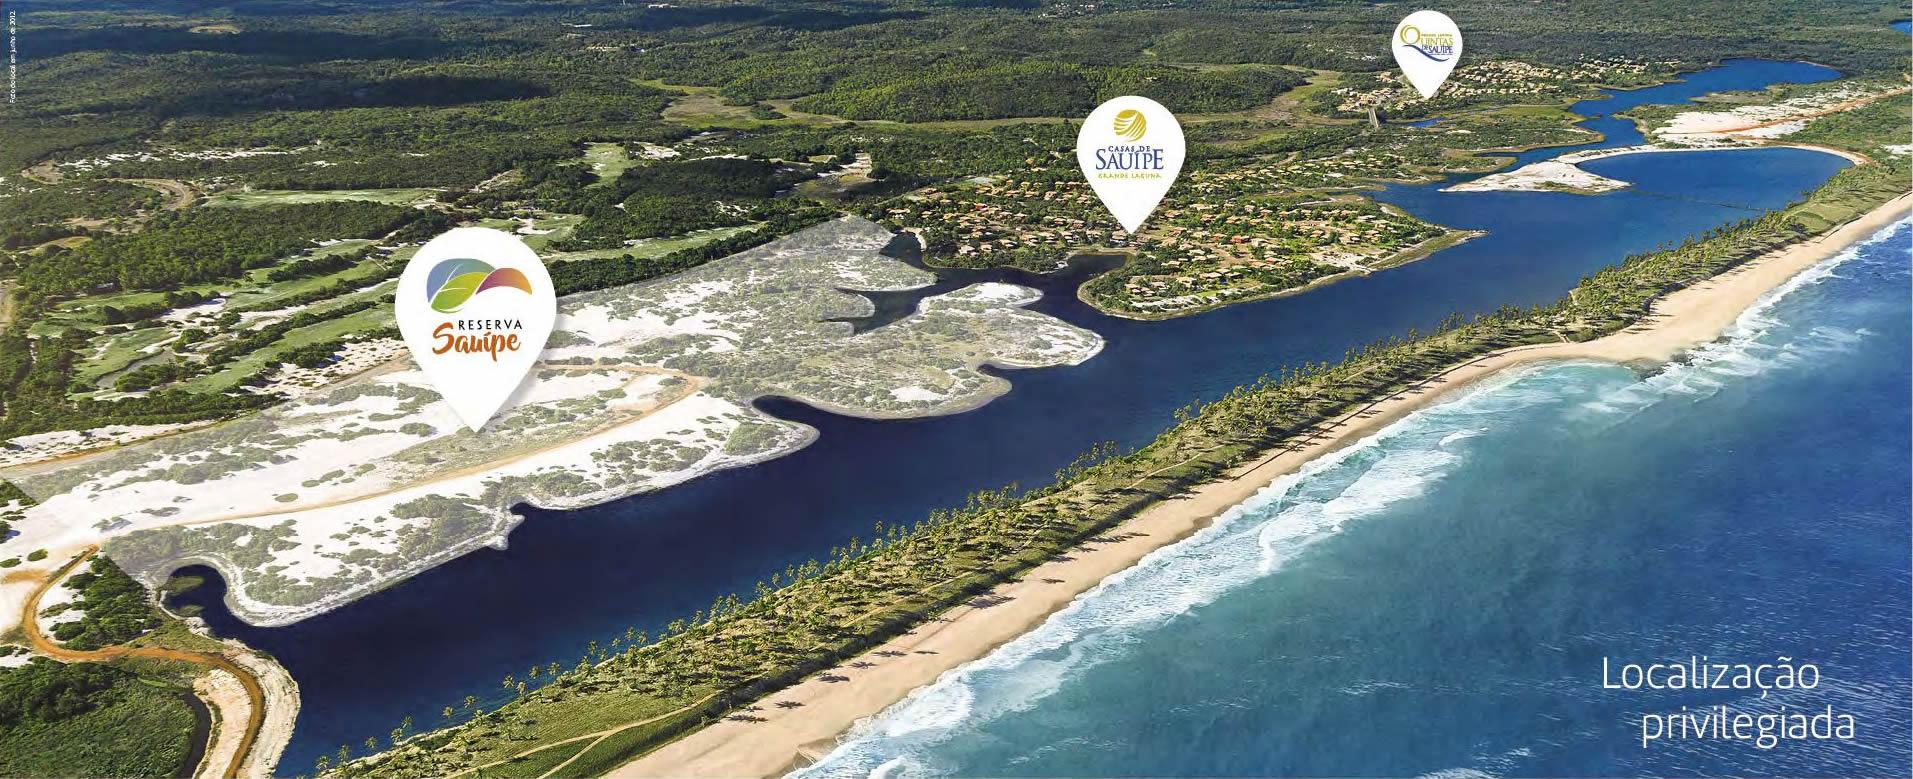 Foto aérea da localização do Condomínio Reserva Sauípe